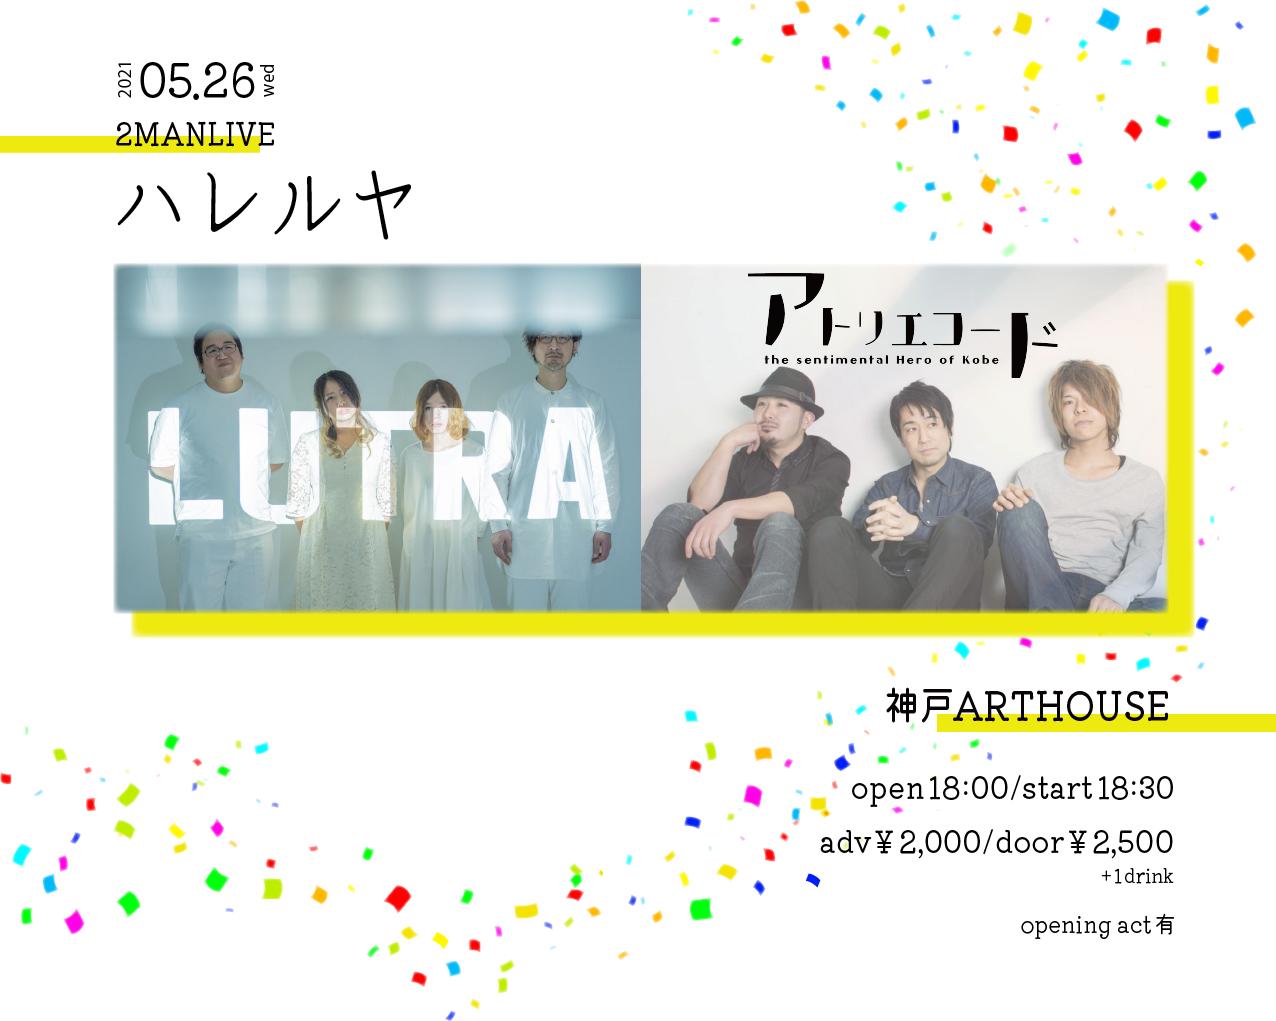 アトリエコード×ルトラ 2MAN LIVE 『ハレルヤ』